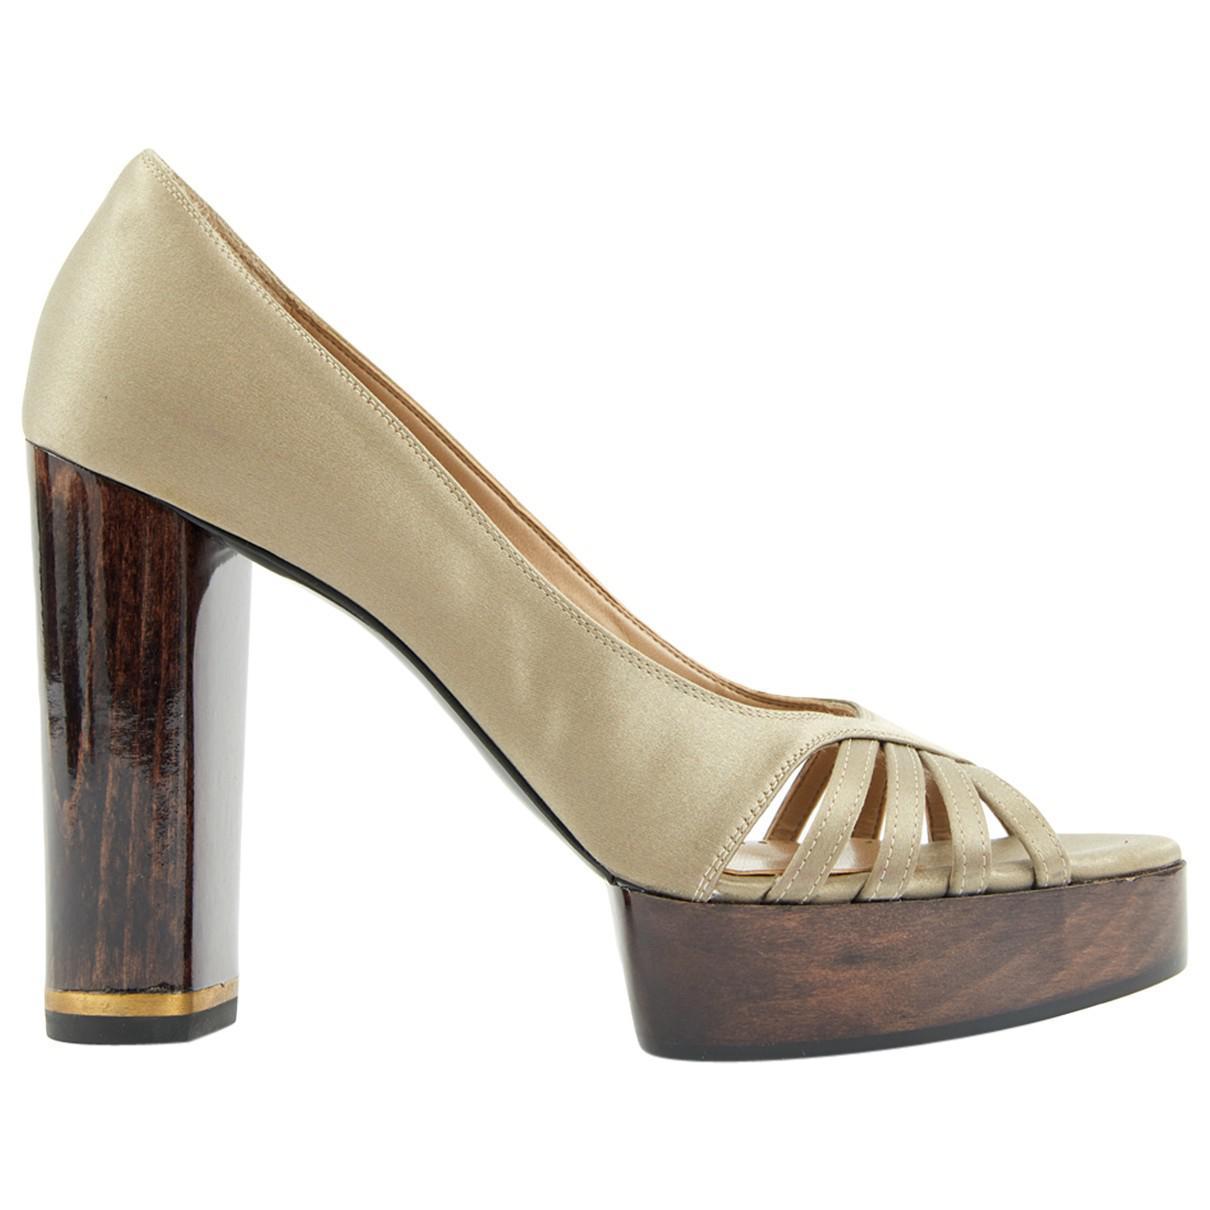 5b978c506fe Lyst - Stella Mccartney Cloth Heels in Natural